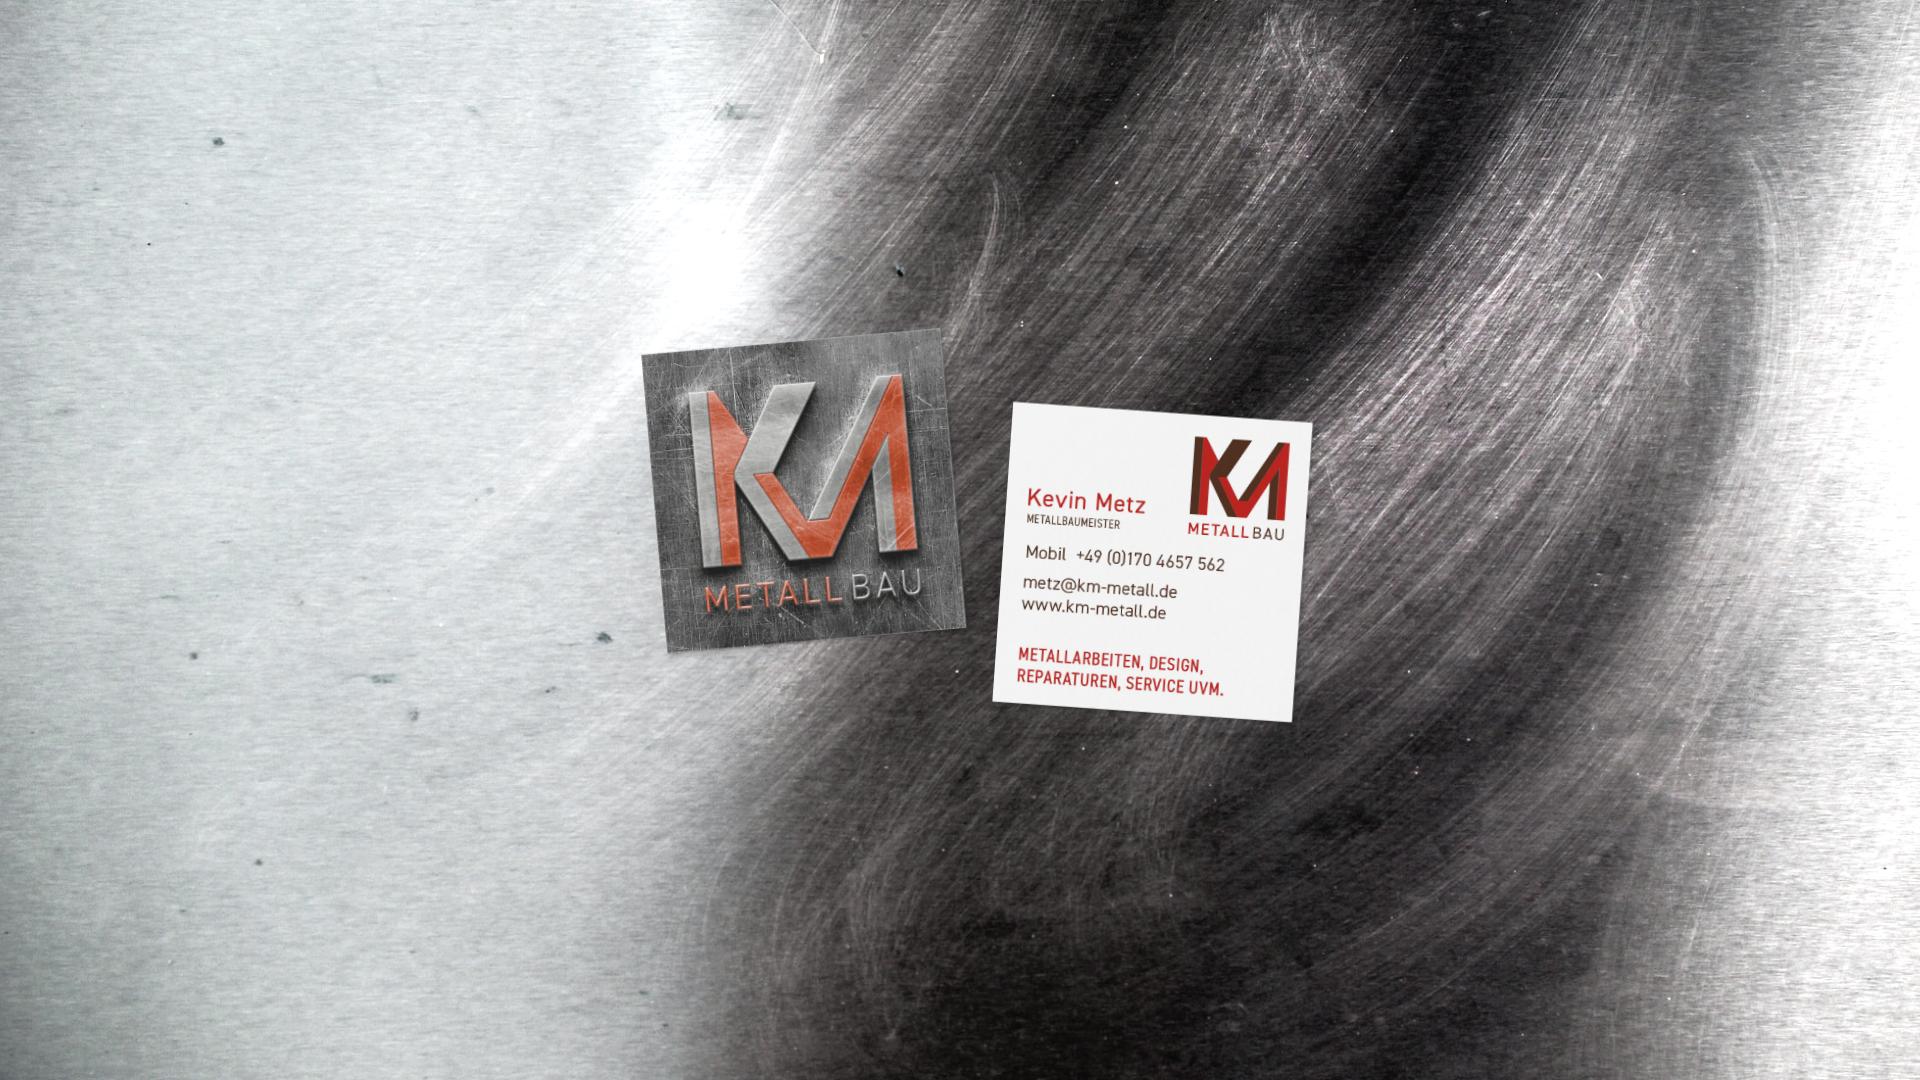 KM Metall